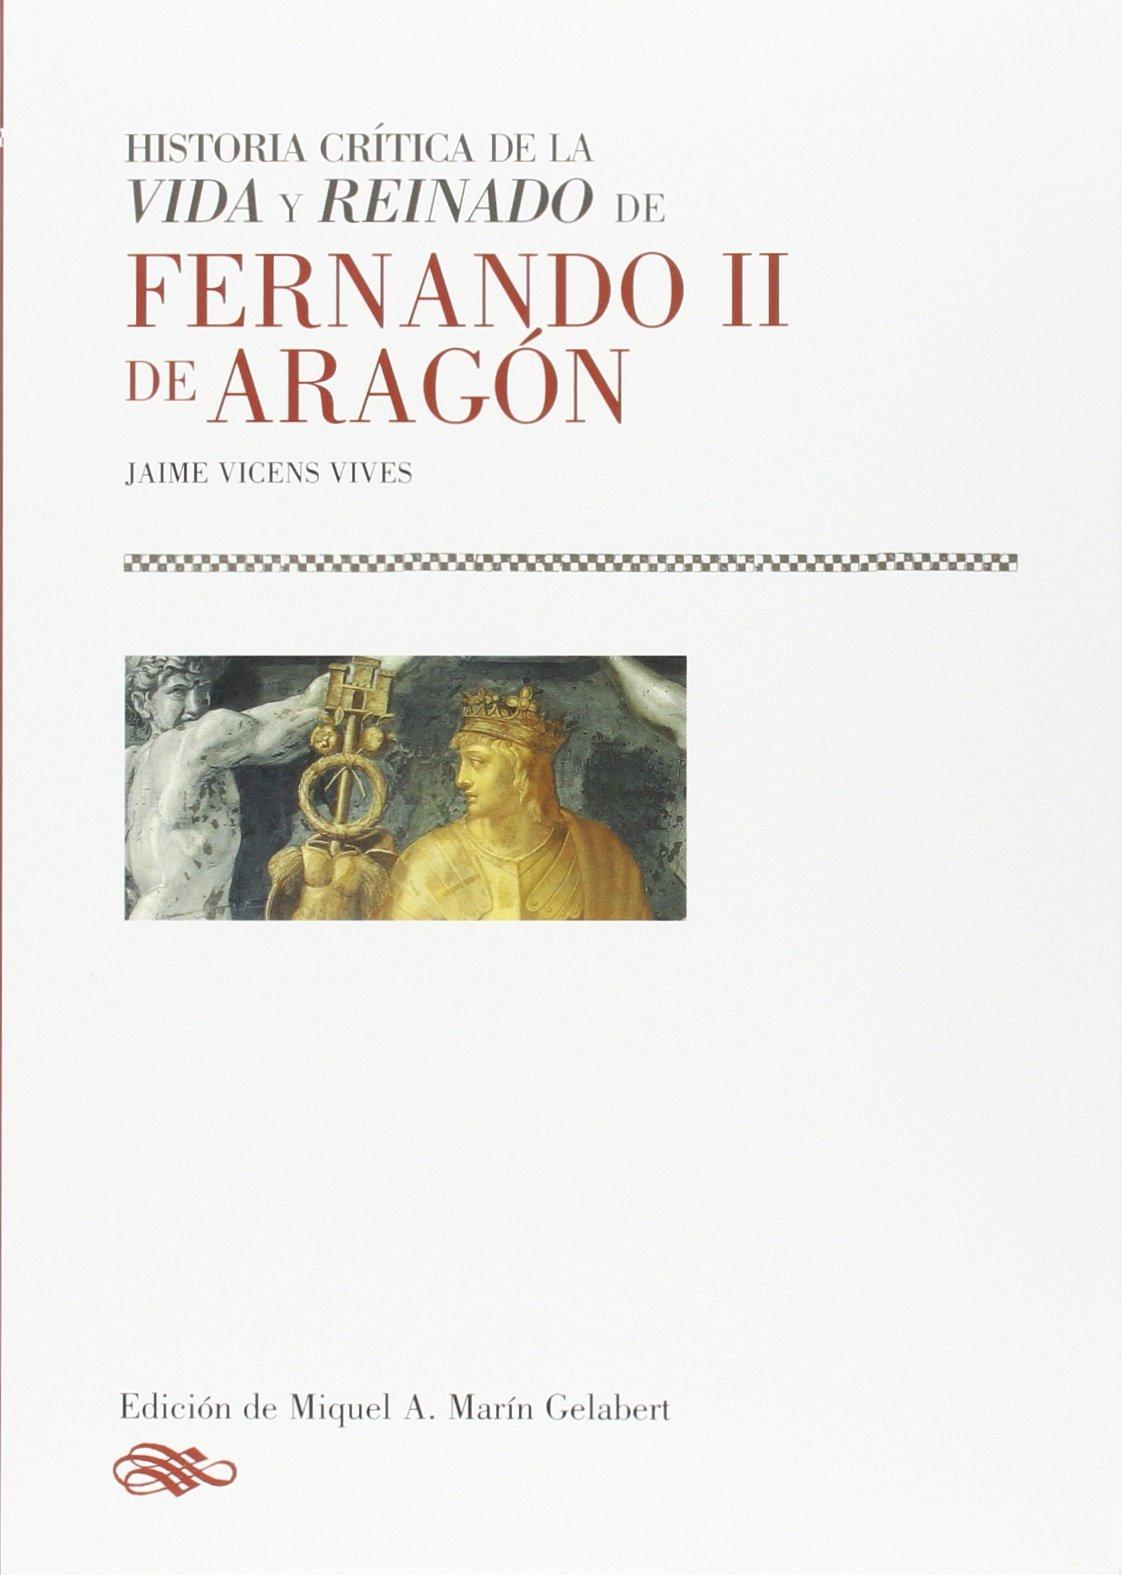 HISTORIA CRITICA DE LA VIDA Y REINADO DE FERNANDO II DE ARAG: Amazon.es: VICENS VIVES, JAIME: Libros